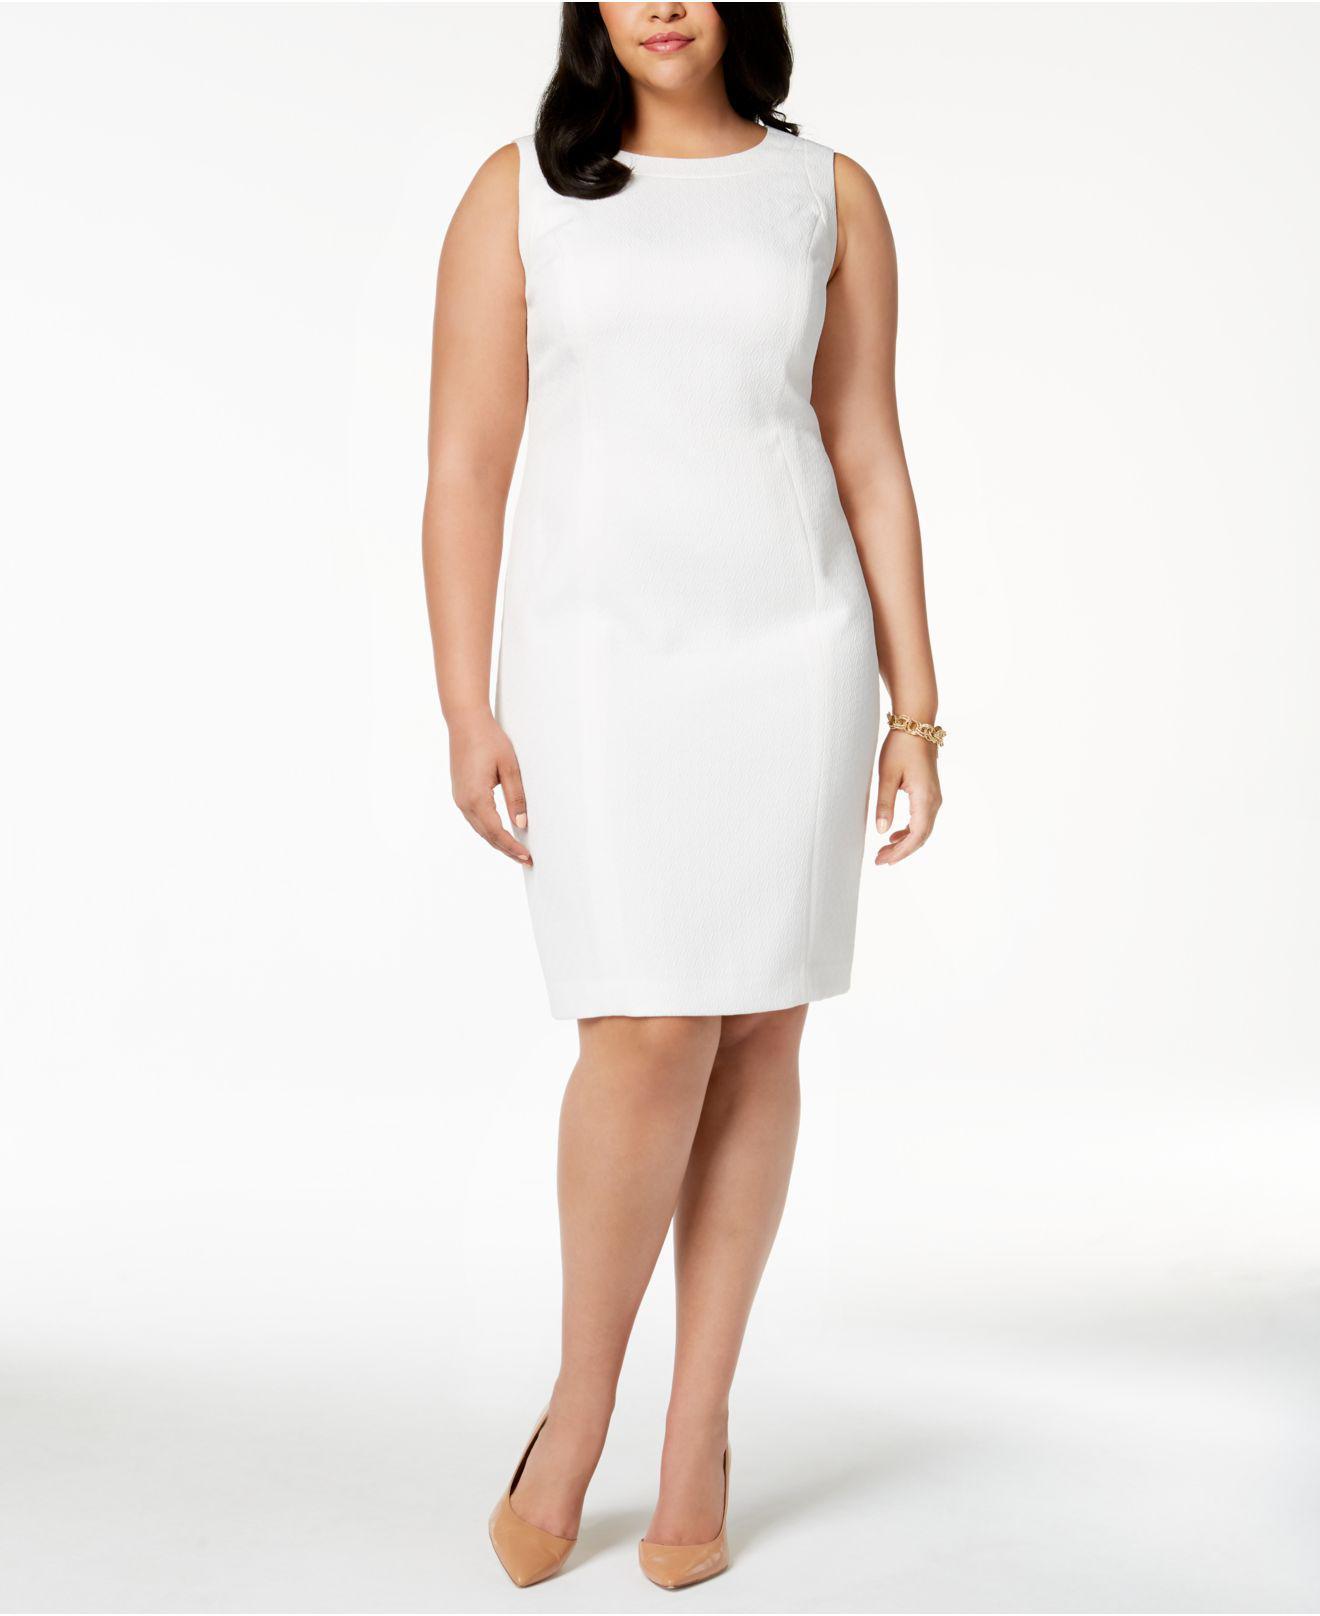 59293de0d04 Lyst - Kasper Plus Size Jacquard Sheath Dress in White